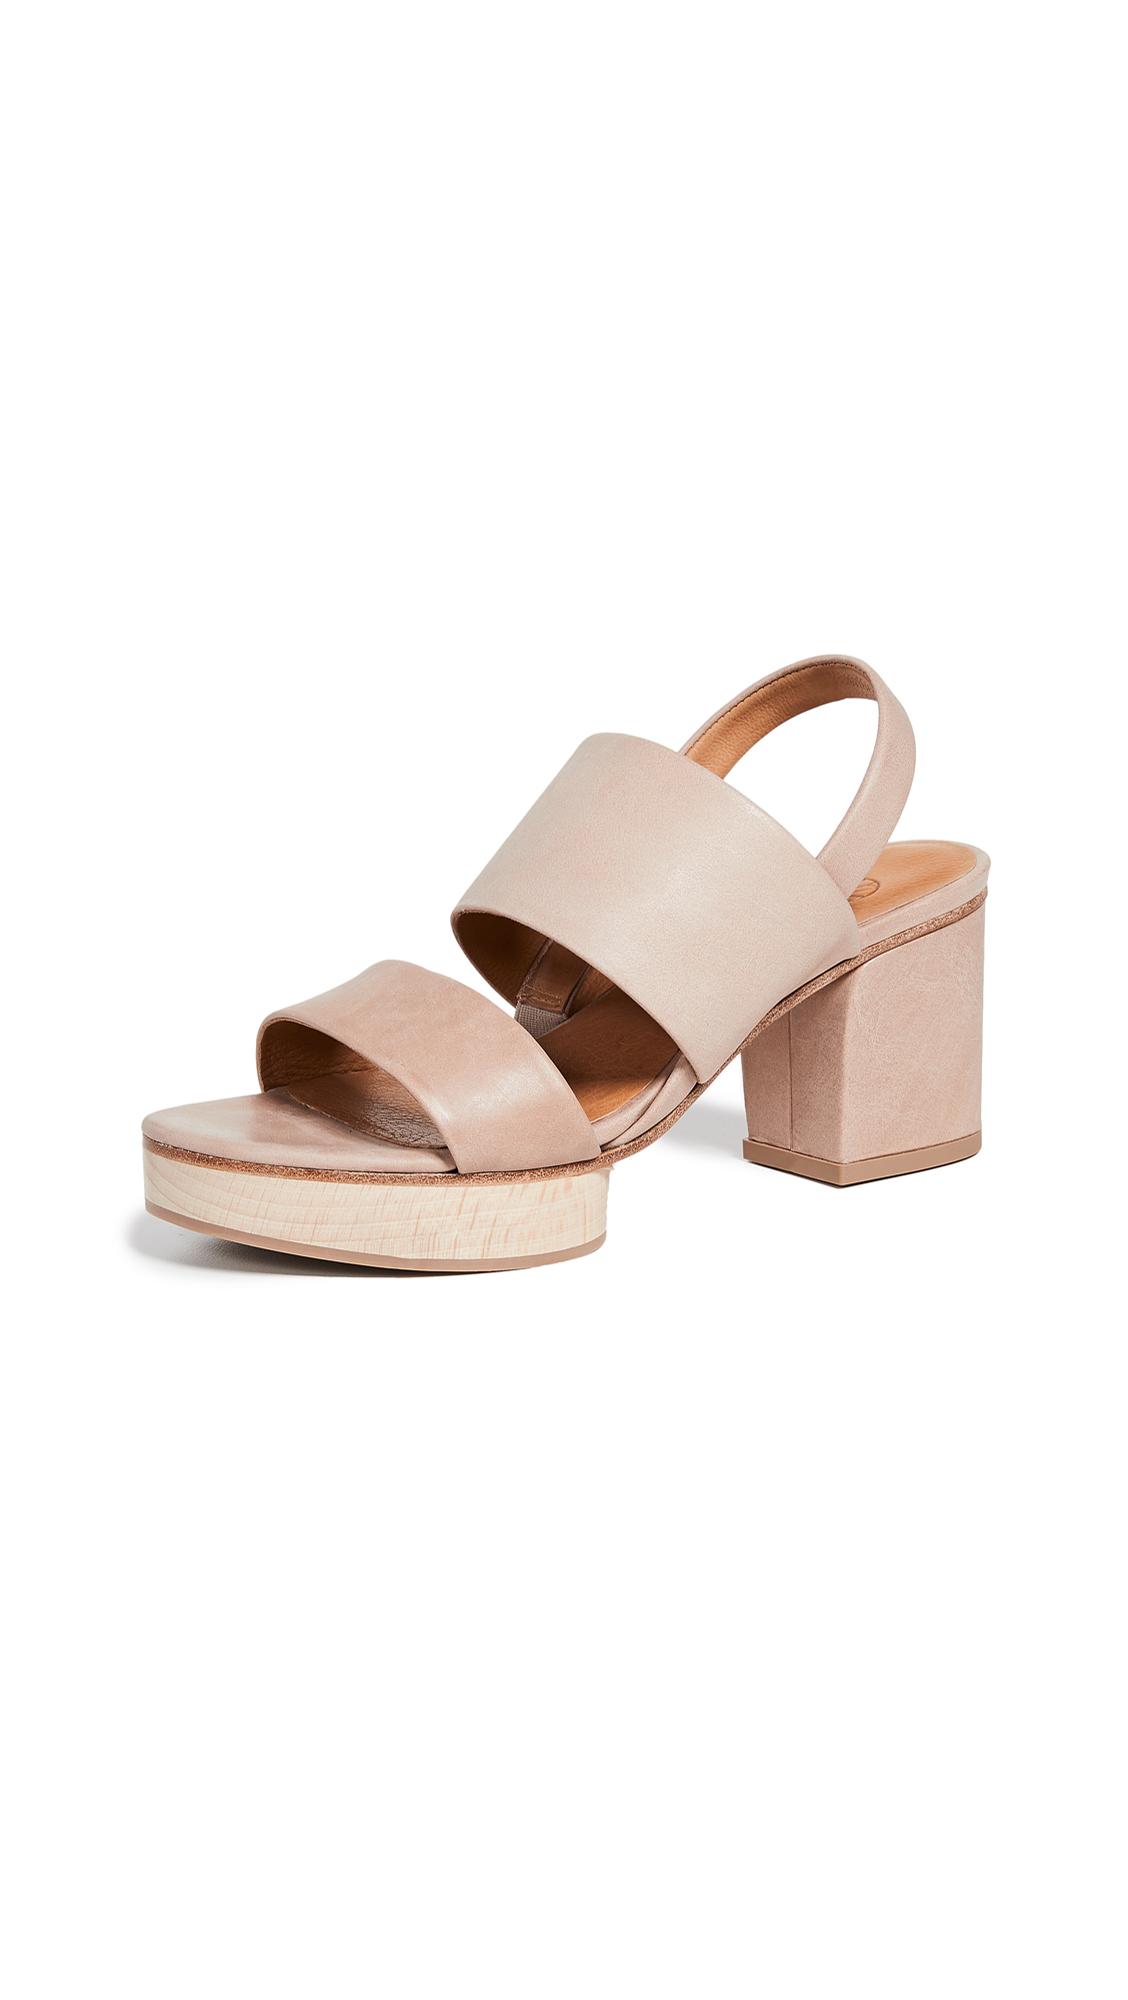 Coclico Shoes Ruby Dew Platform Sandals - Talco Bone